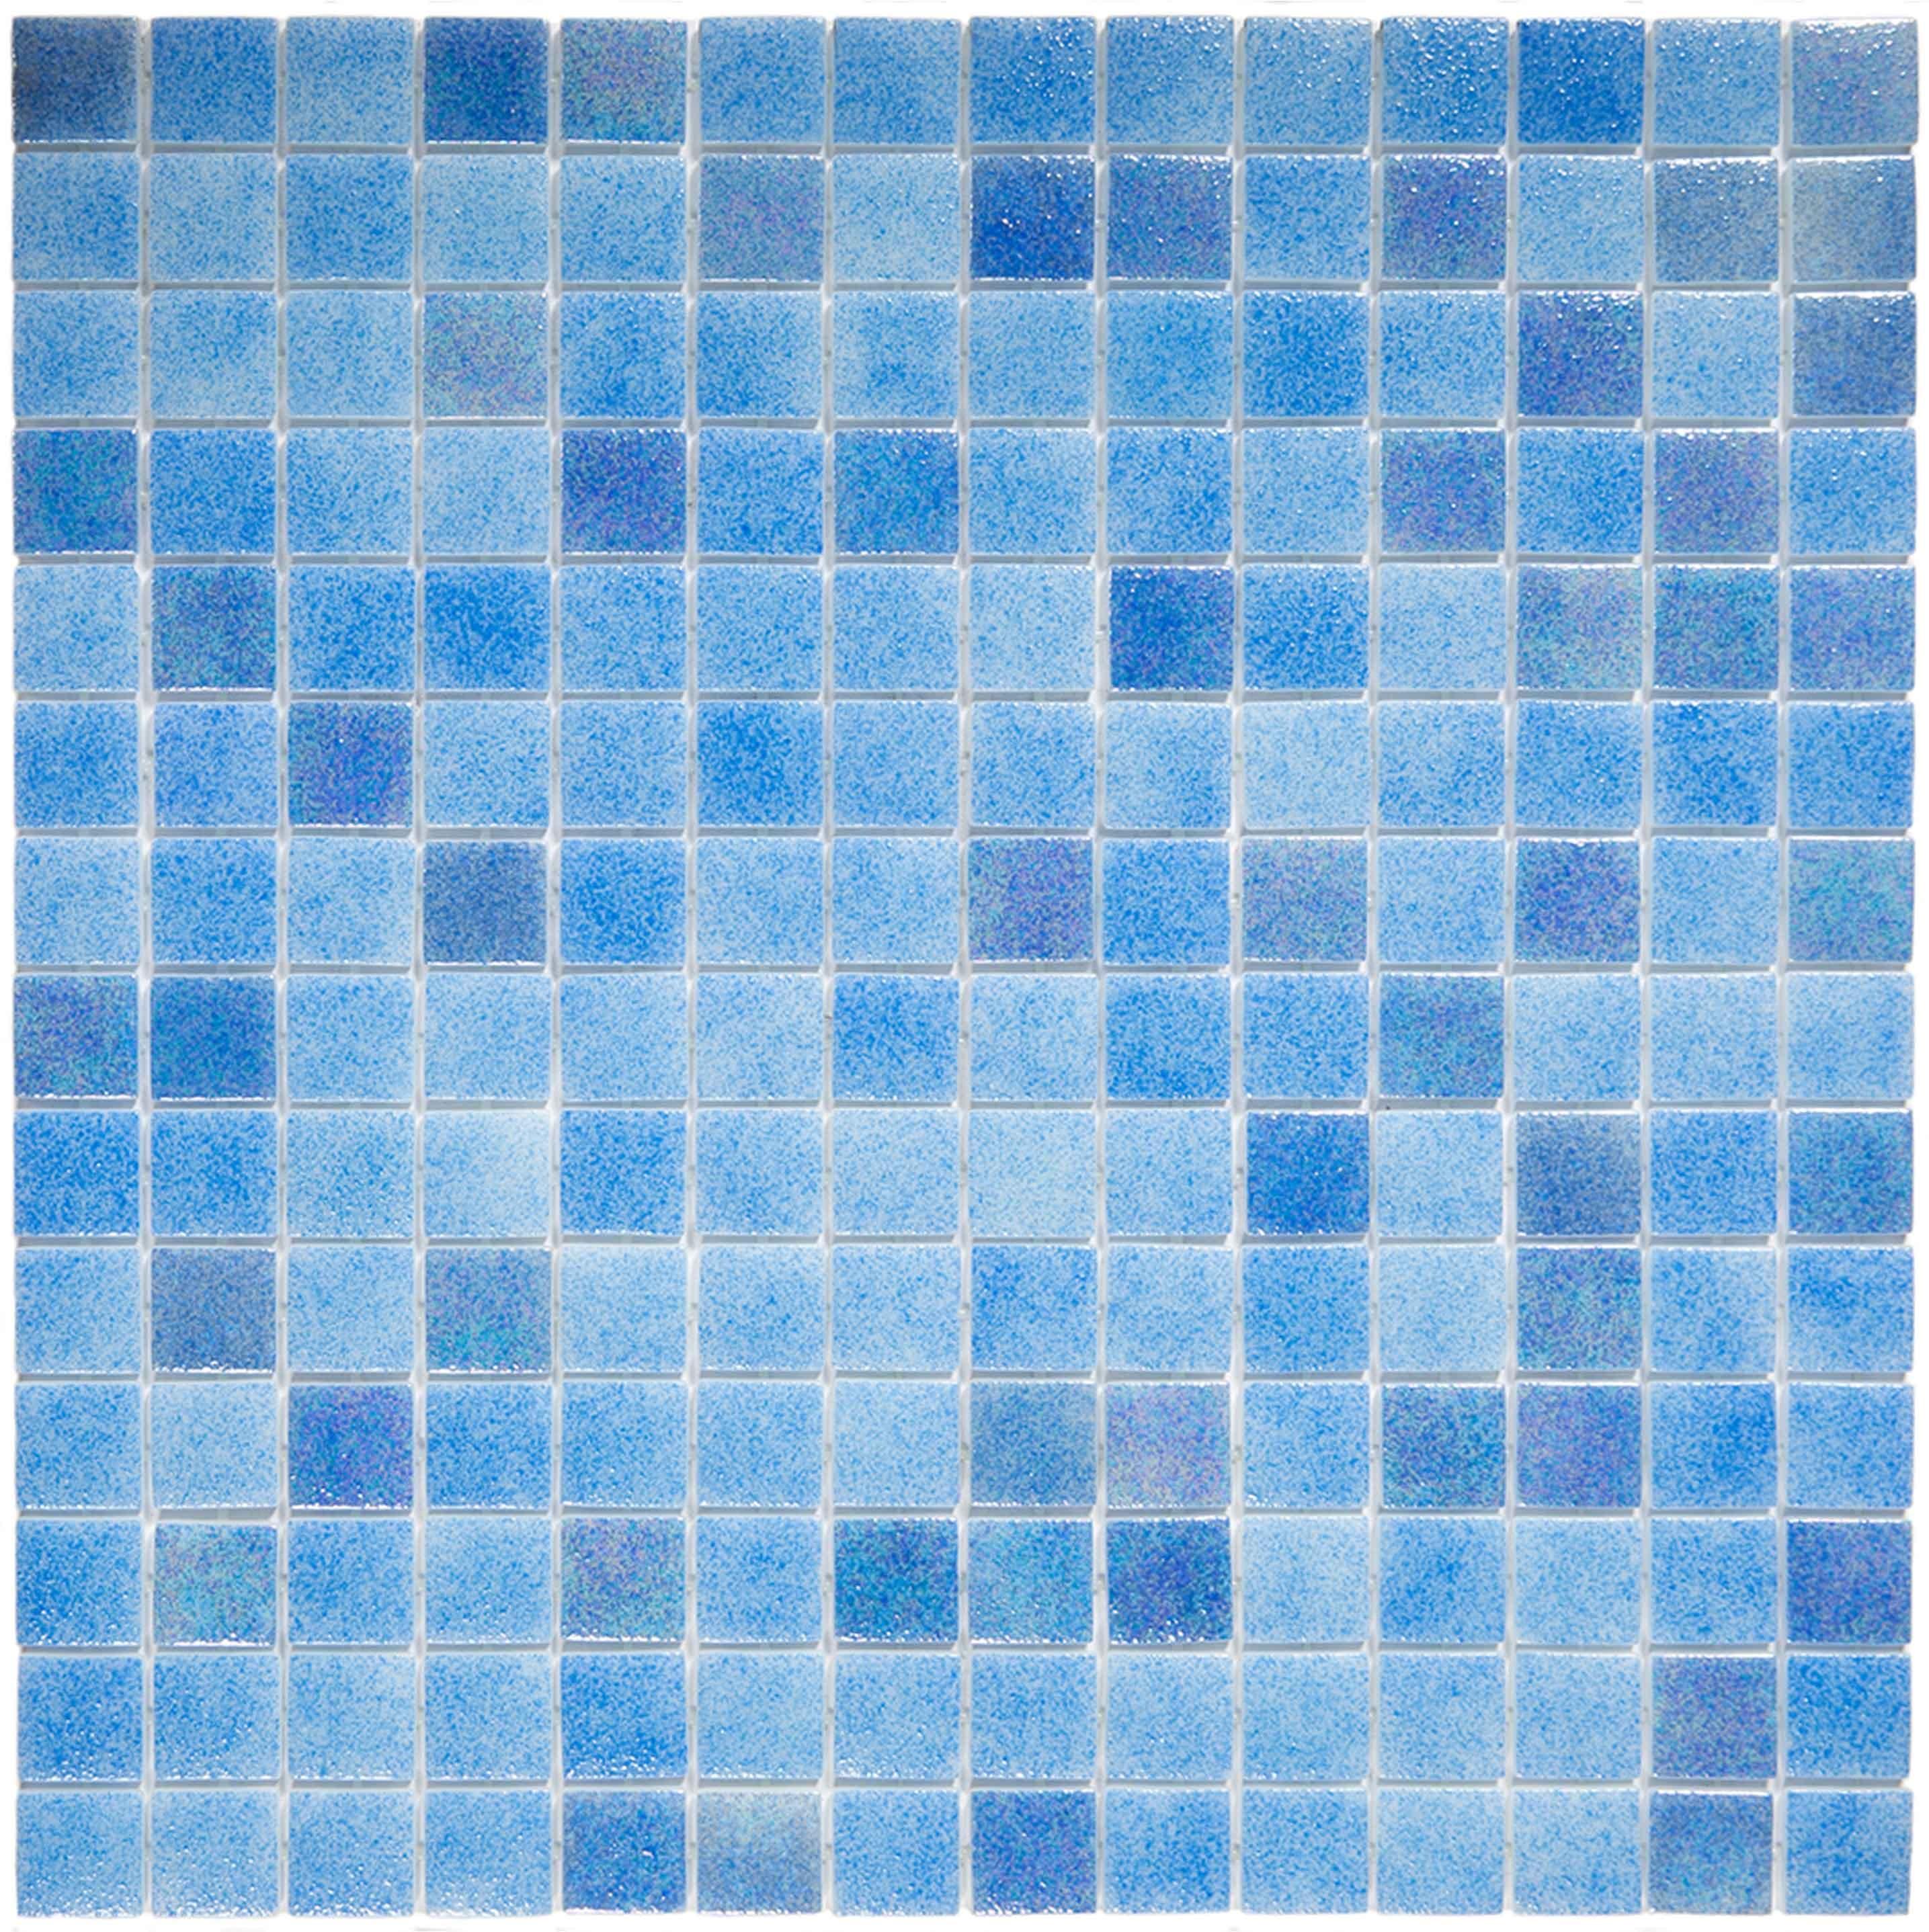 Pool-Tiles Hero Hisbalit Orpheus-hero-gallery-2